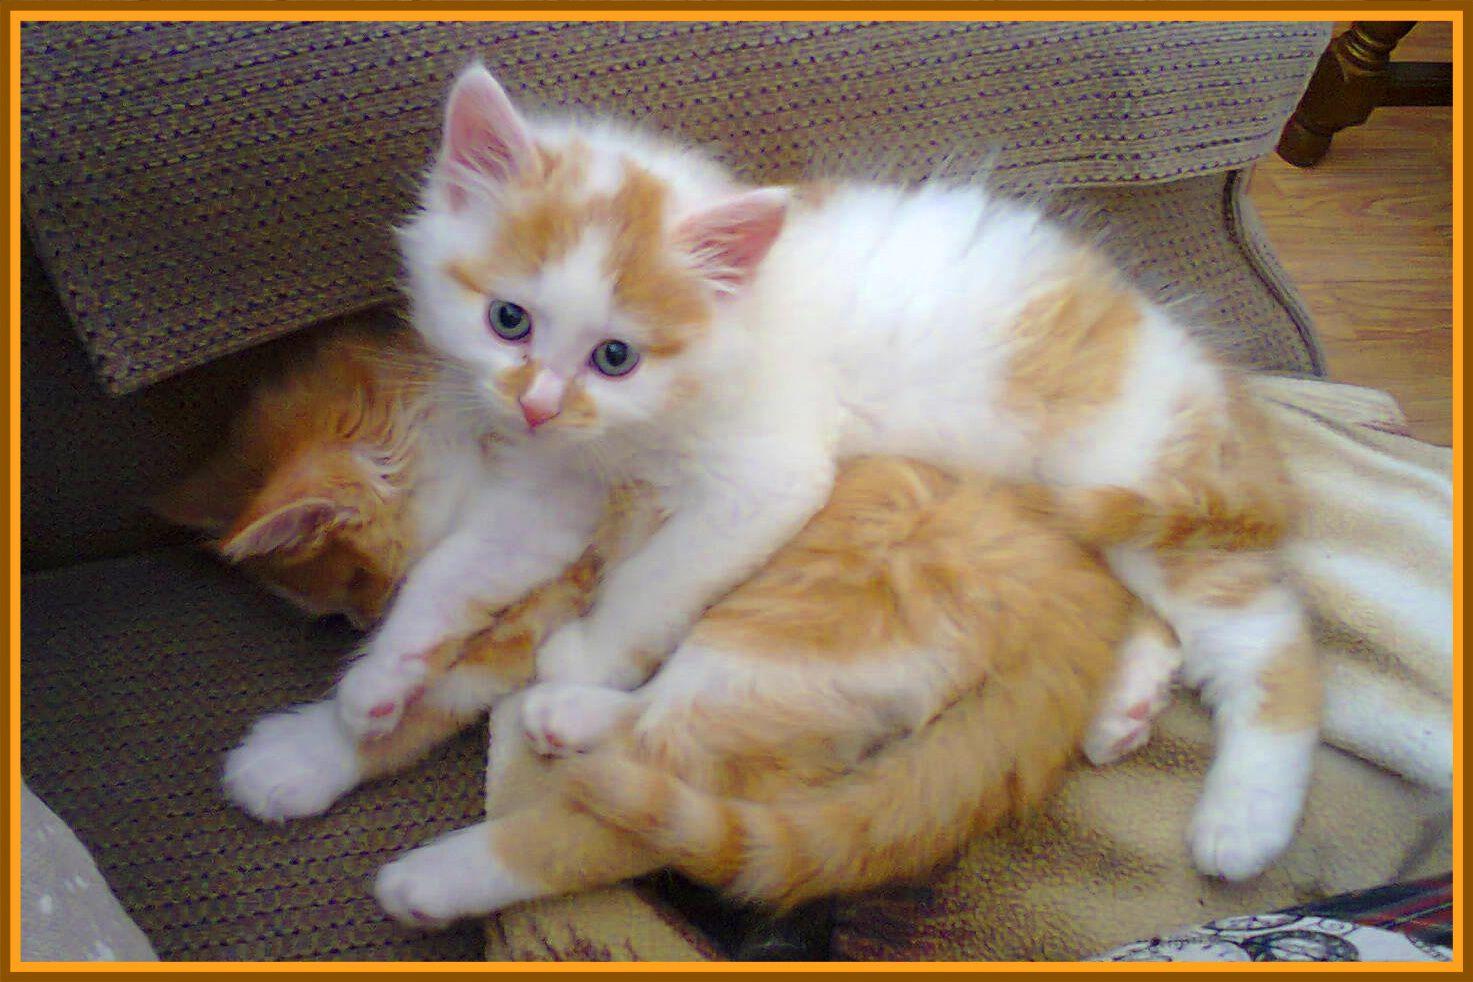 Peut être connaissez vous les chats de Laramicelle, elle en parle souvent sur son blog ICI les voici quand ils étaient chatons ; chez ma mère nous avons toujours eu beaucoup de chats; tous ceux qui étaient abandonnés finissaient chez nous, à croire qu'ils...